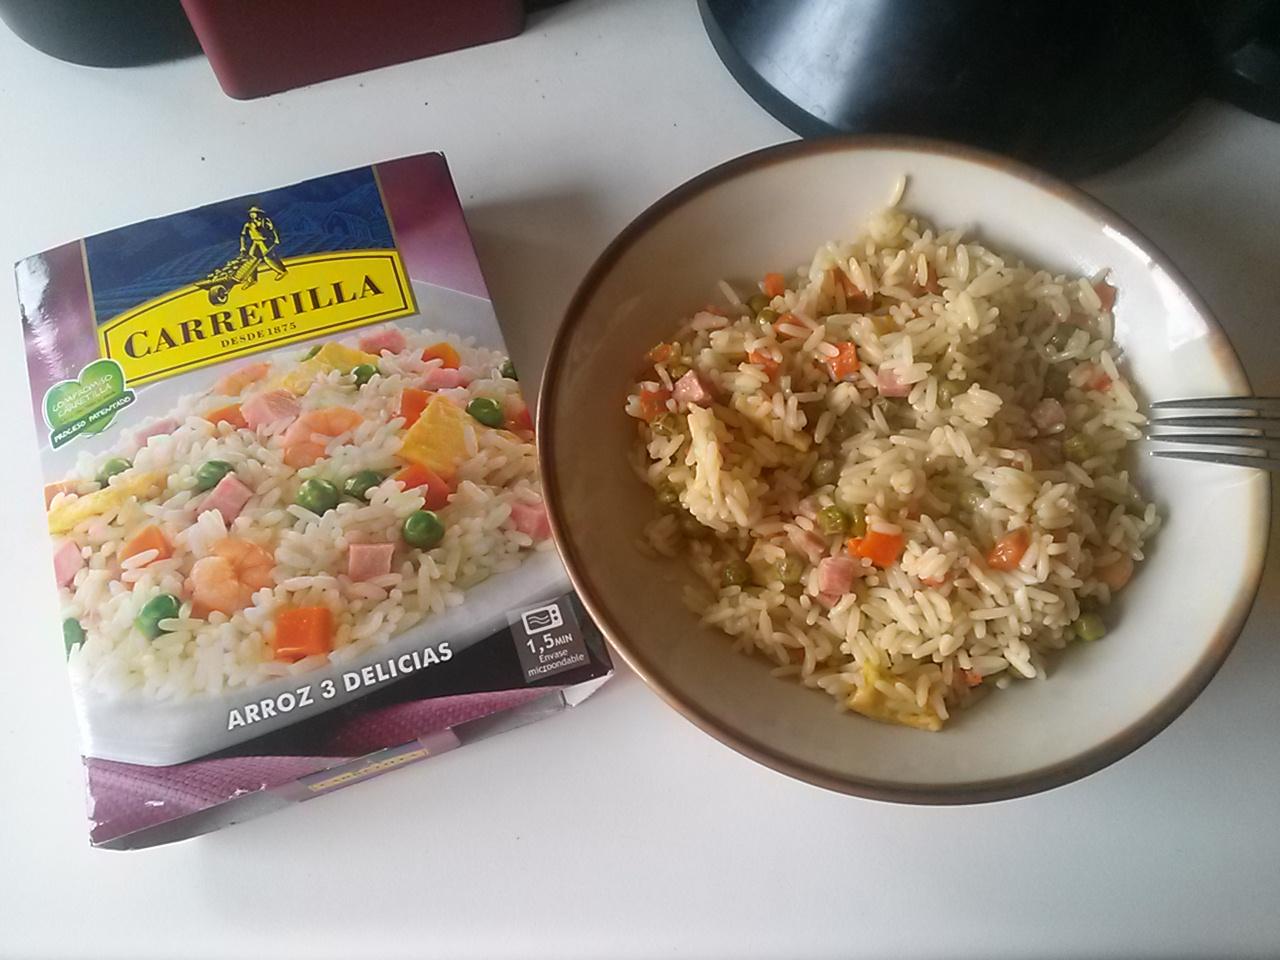 Arroz 3 delicias carretilla for Cocinar arroz 3 delicias